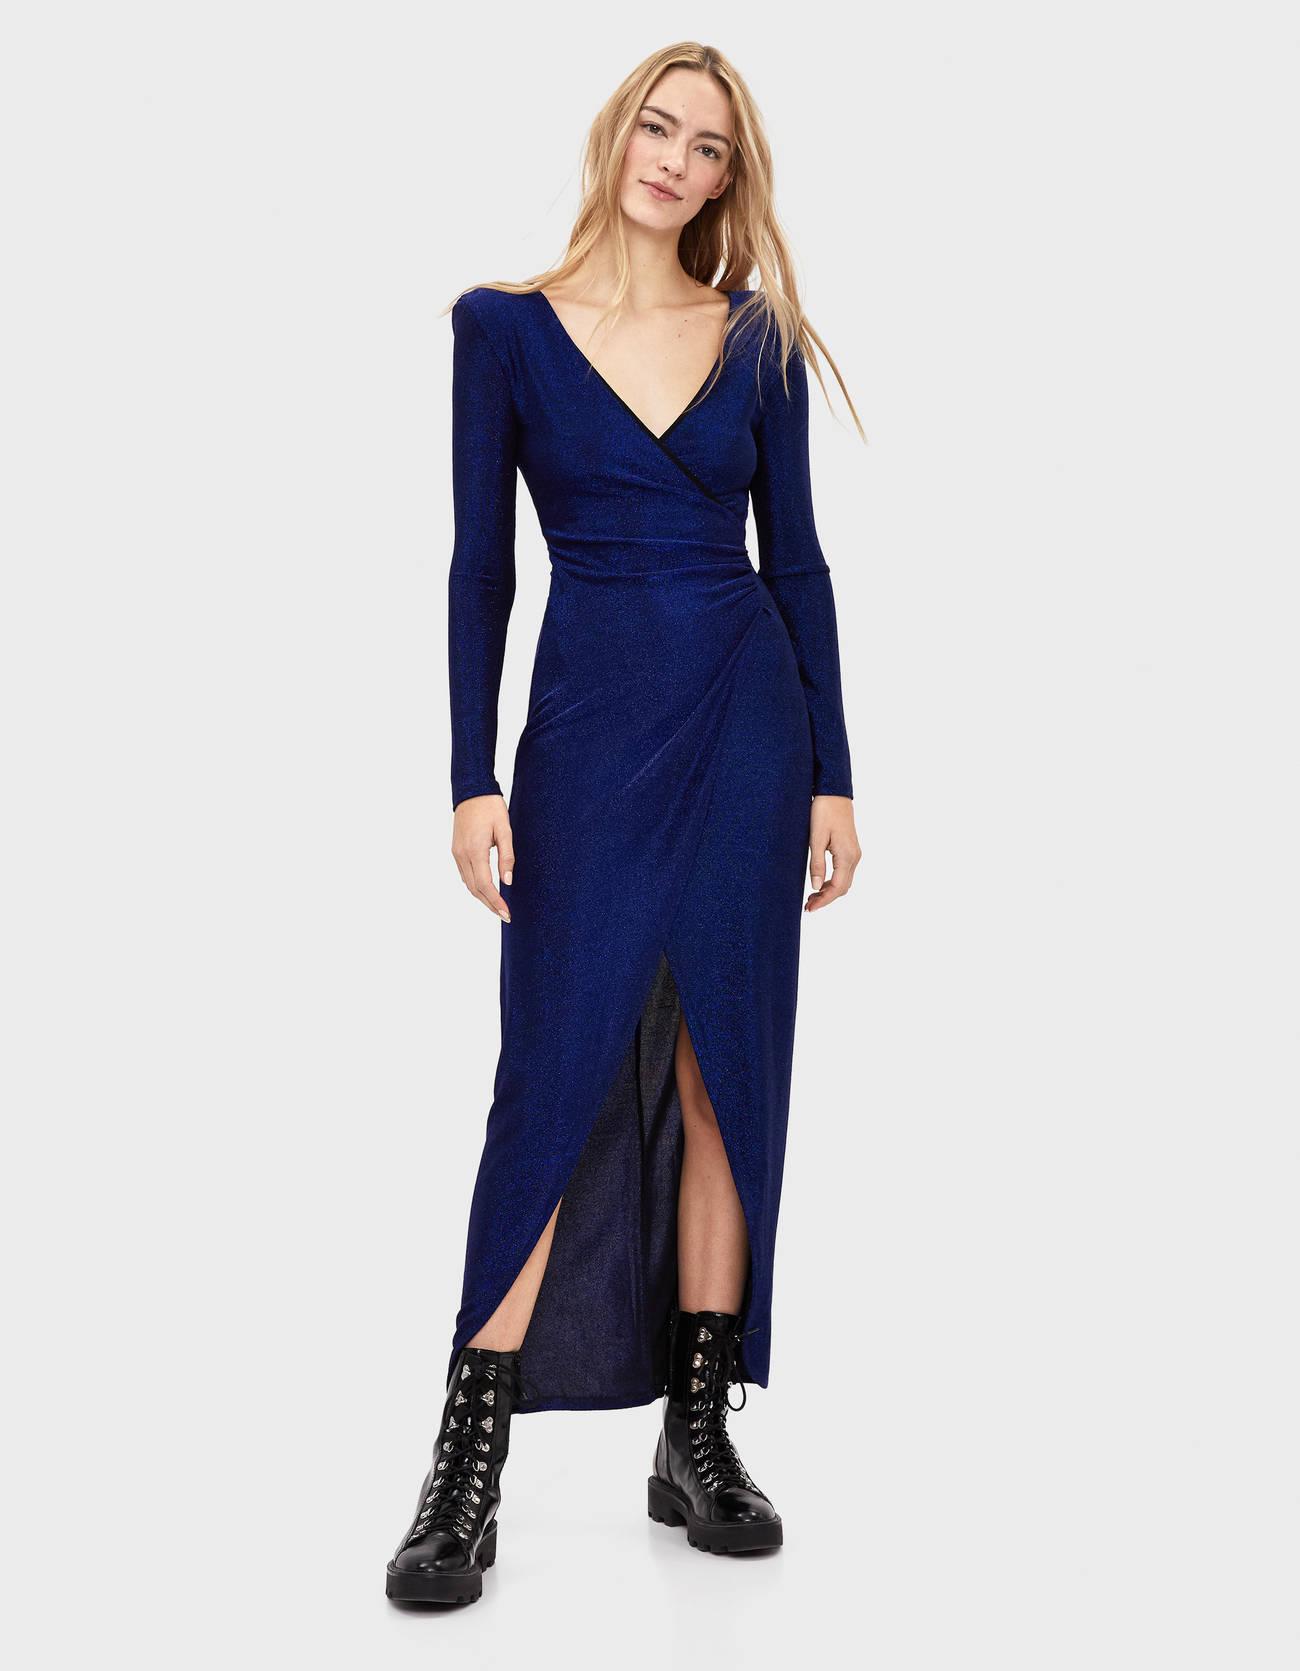 Vestido azul de fiesta de largo midi cruzado